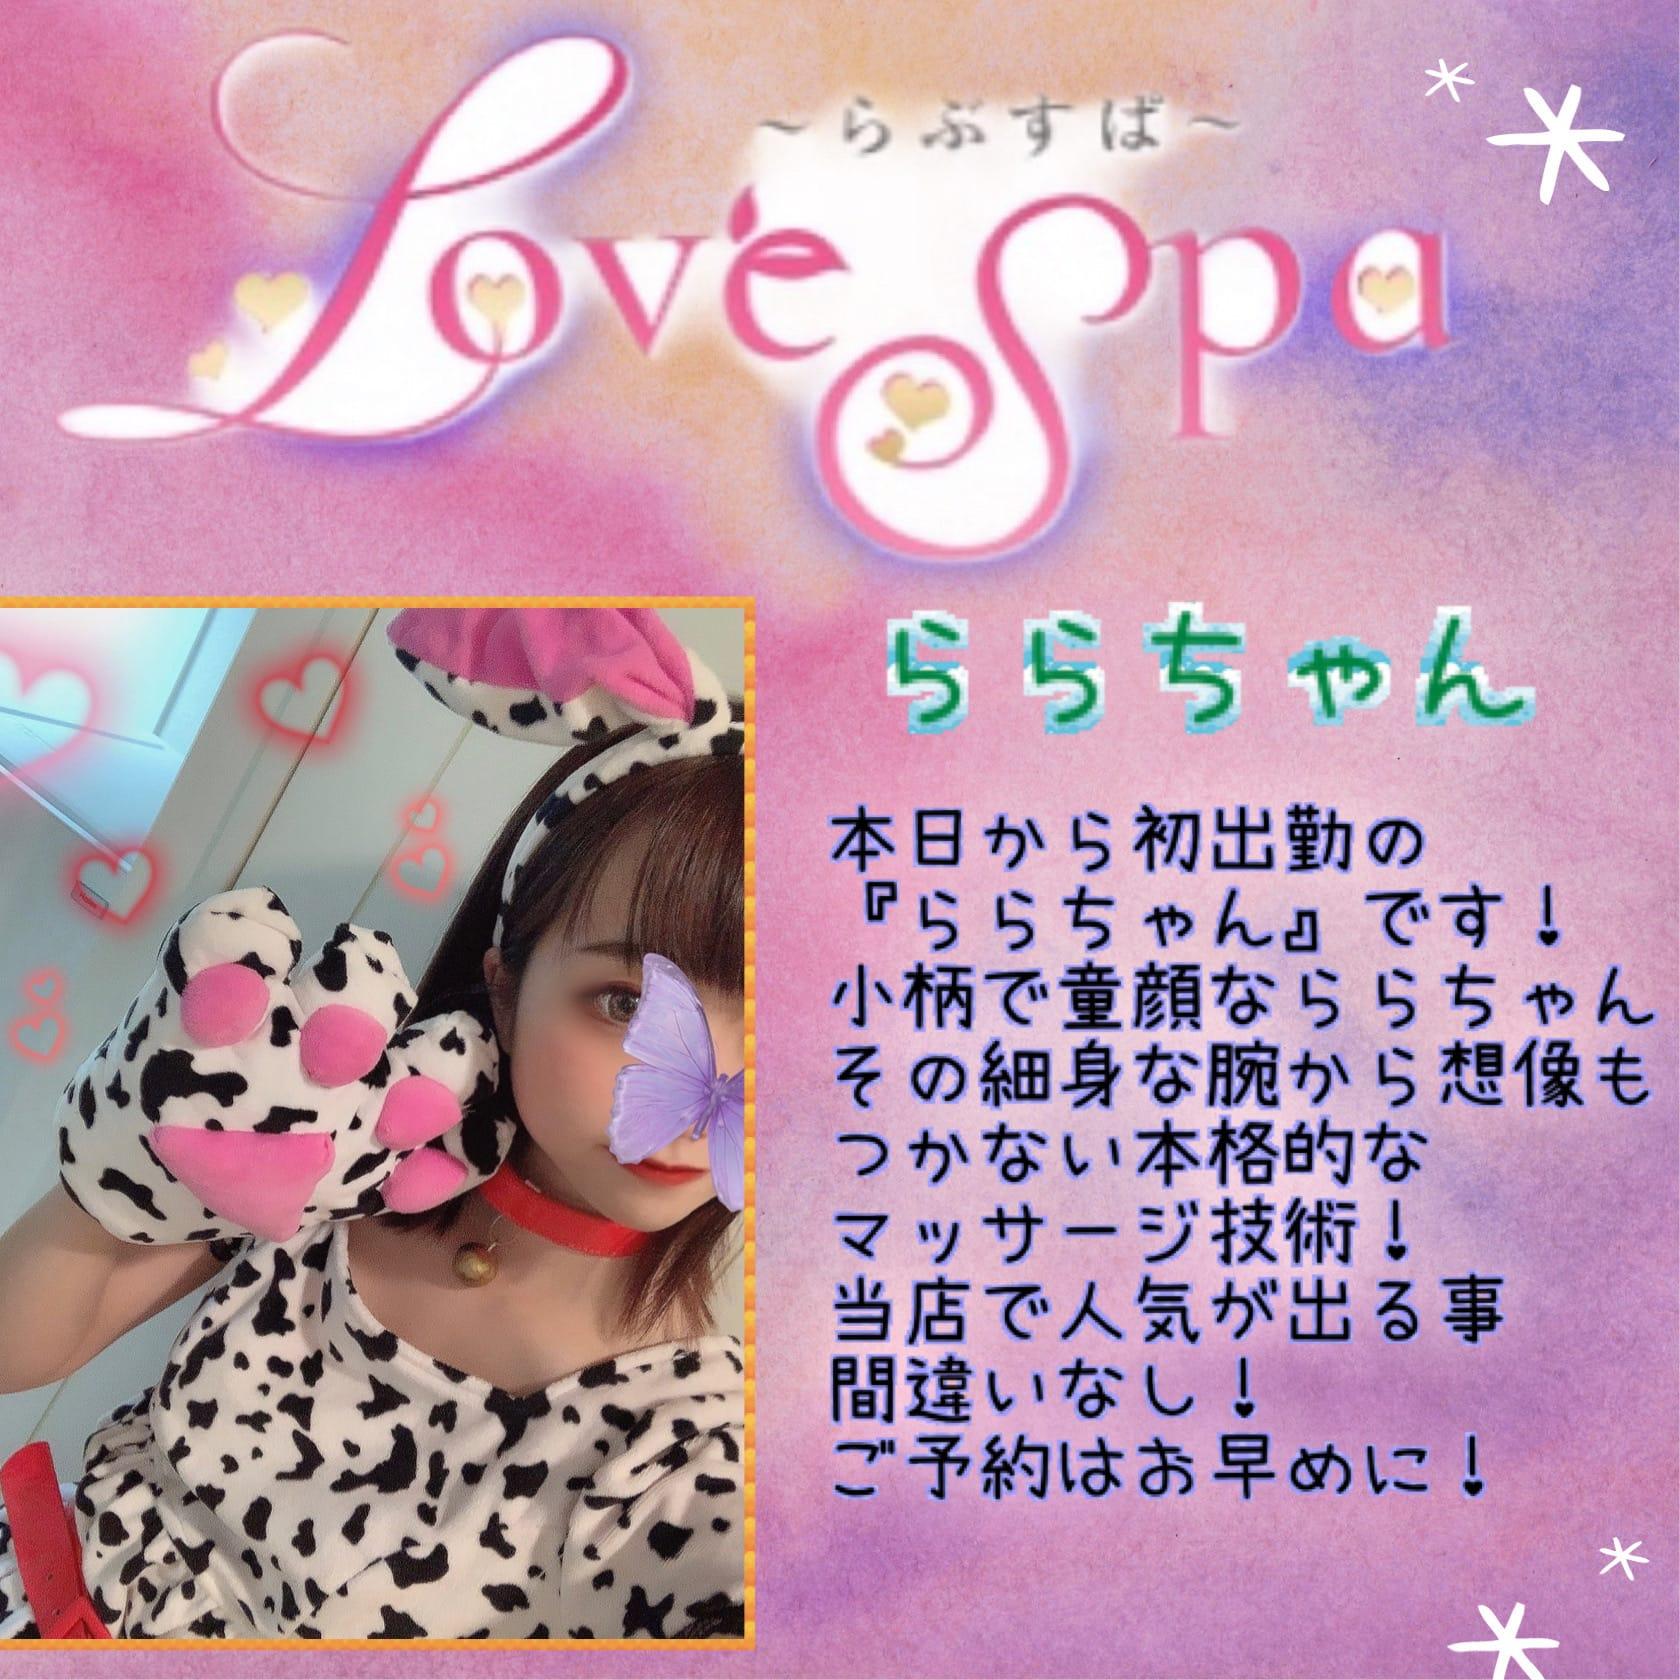 「本日ららちゃん出勤です❗」10/15(金) 12:40   LoveSpa ~ラブスパ~の写メ日記